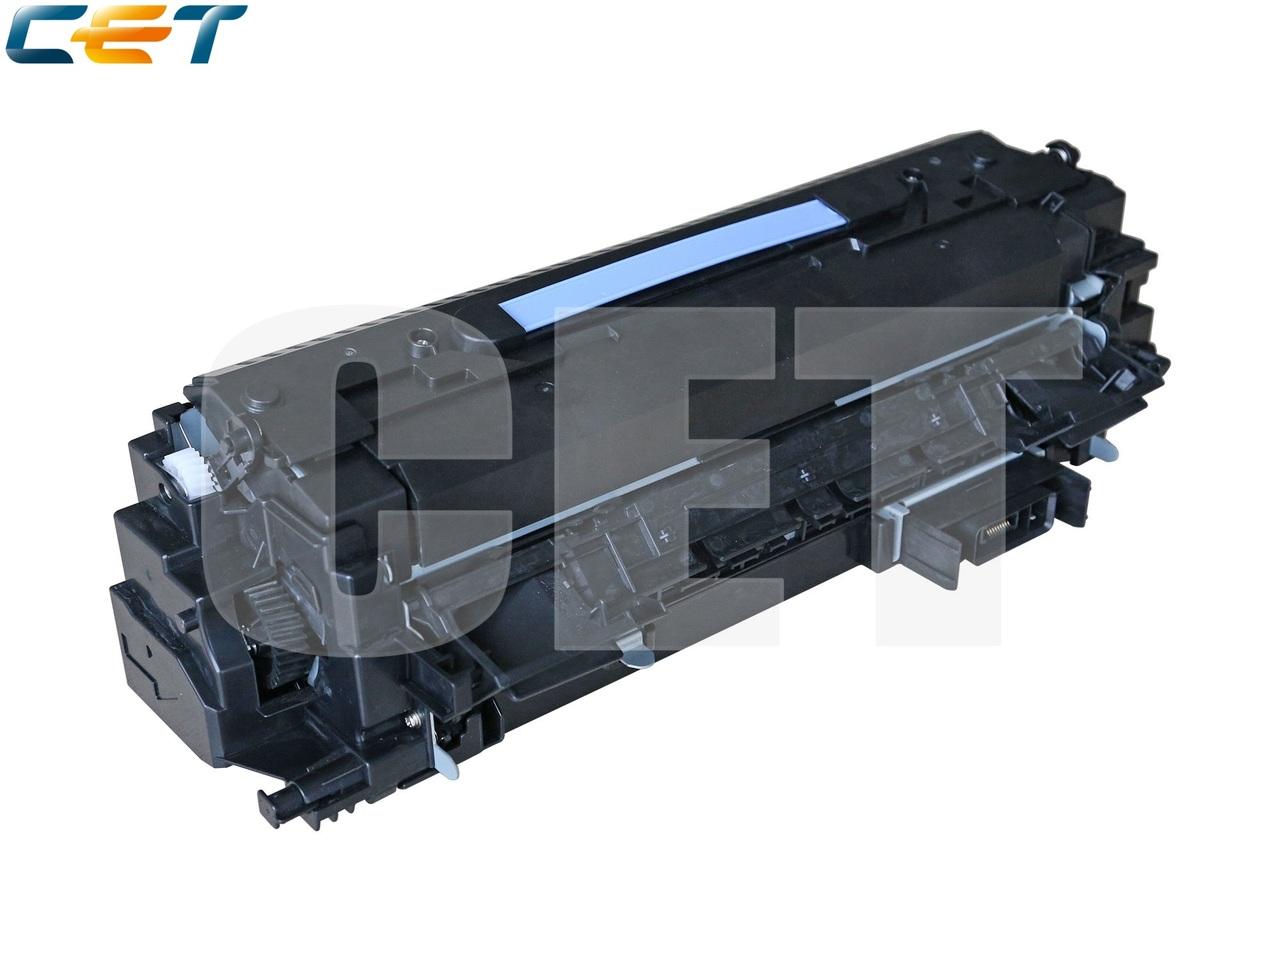 Фьюзер (печка) в сборе CF367-67906 для HP LaserJetEnterprise M806/M830 (CET), CET2594